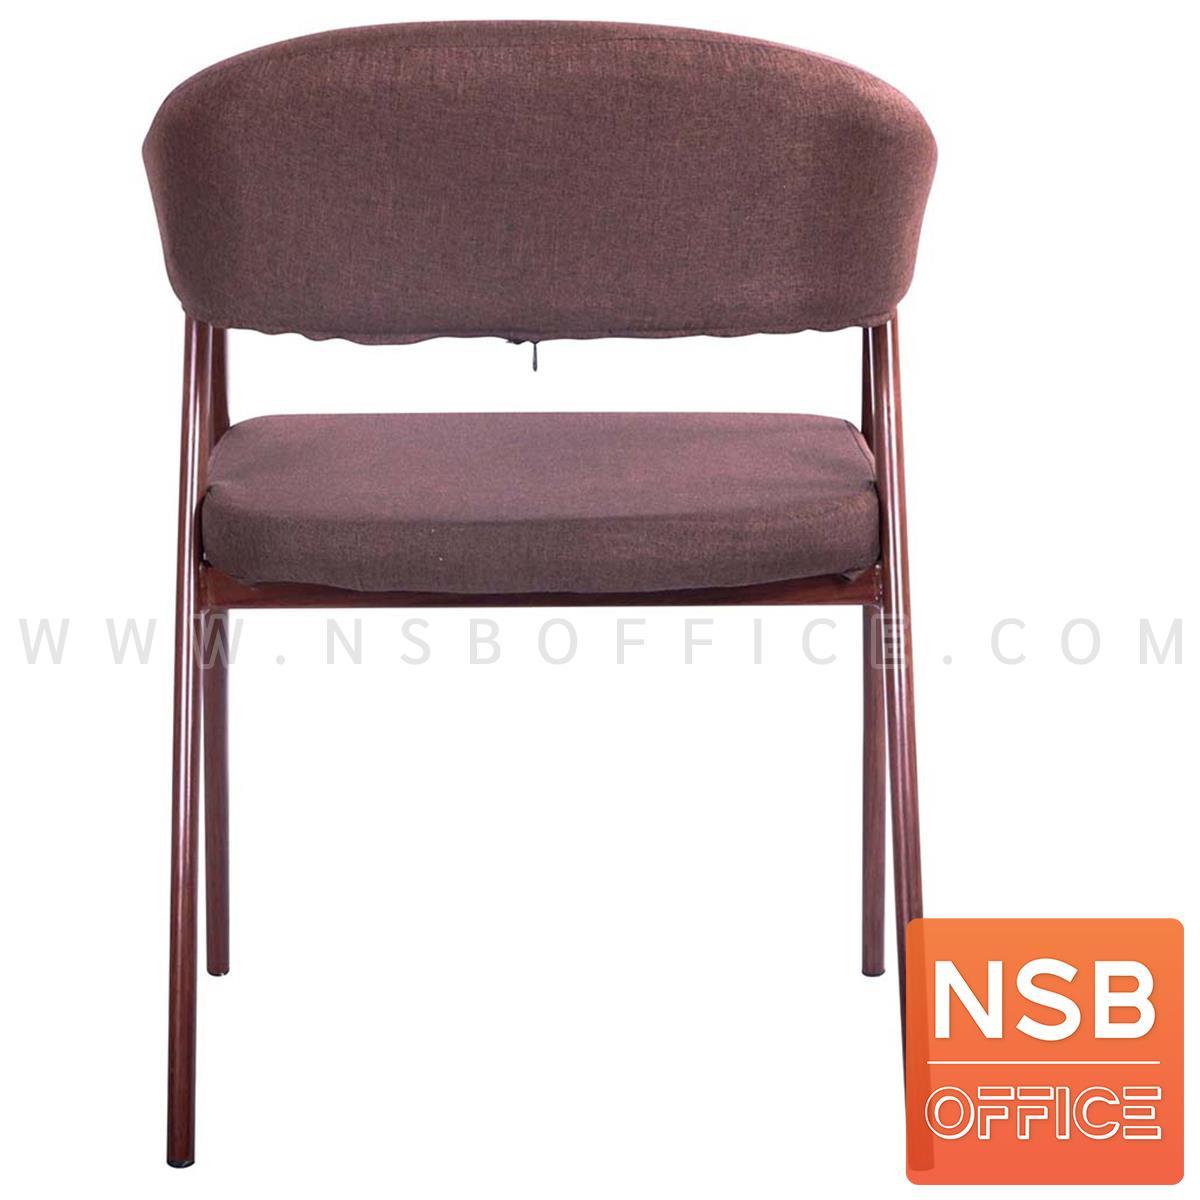 เก้าอี้โมเดิร์นหุ้มผ้า รุ่น Novel (โนเวล)  ขาเหล็กลายไม้